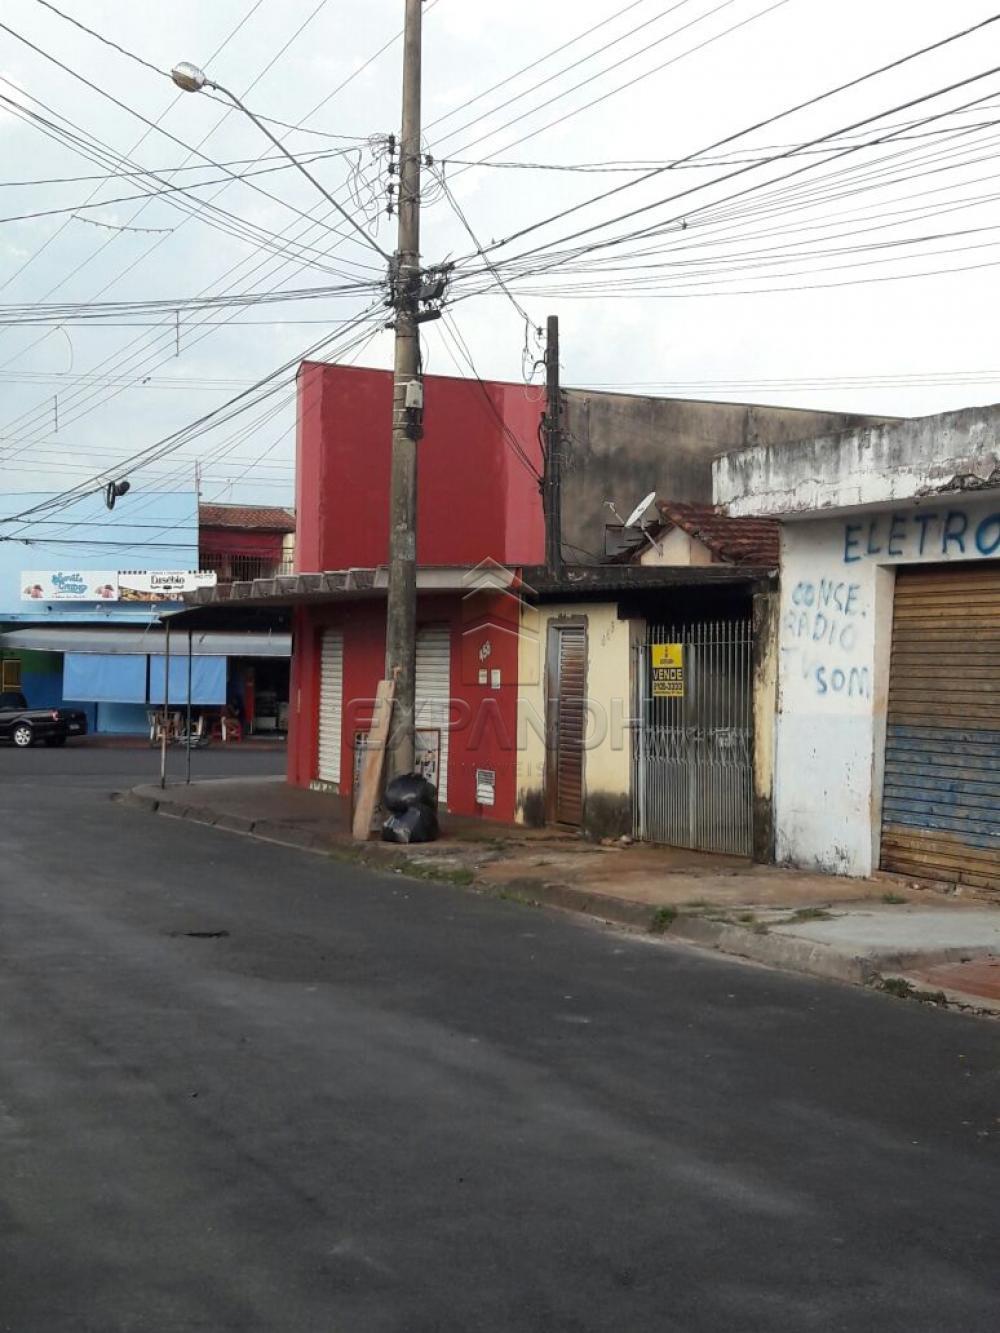 Comprar Casas / Padrão em Sertãozinho apenas R$ 140.000,00 - Foto 2